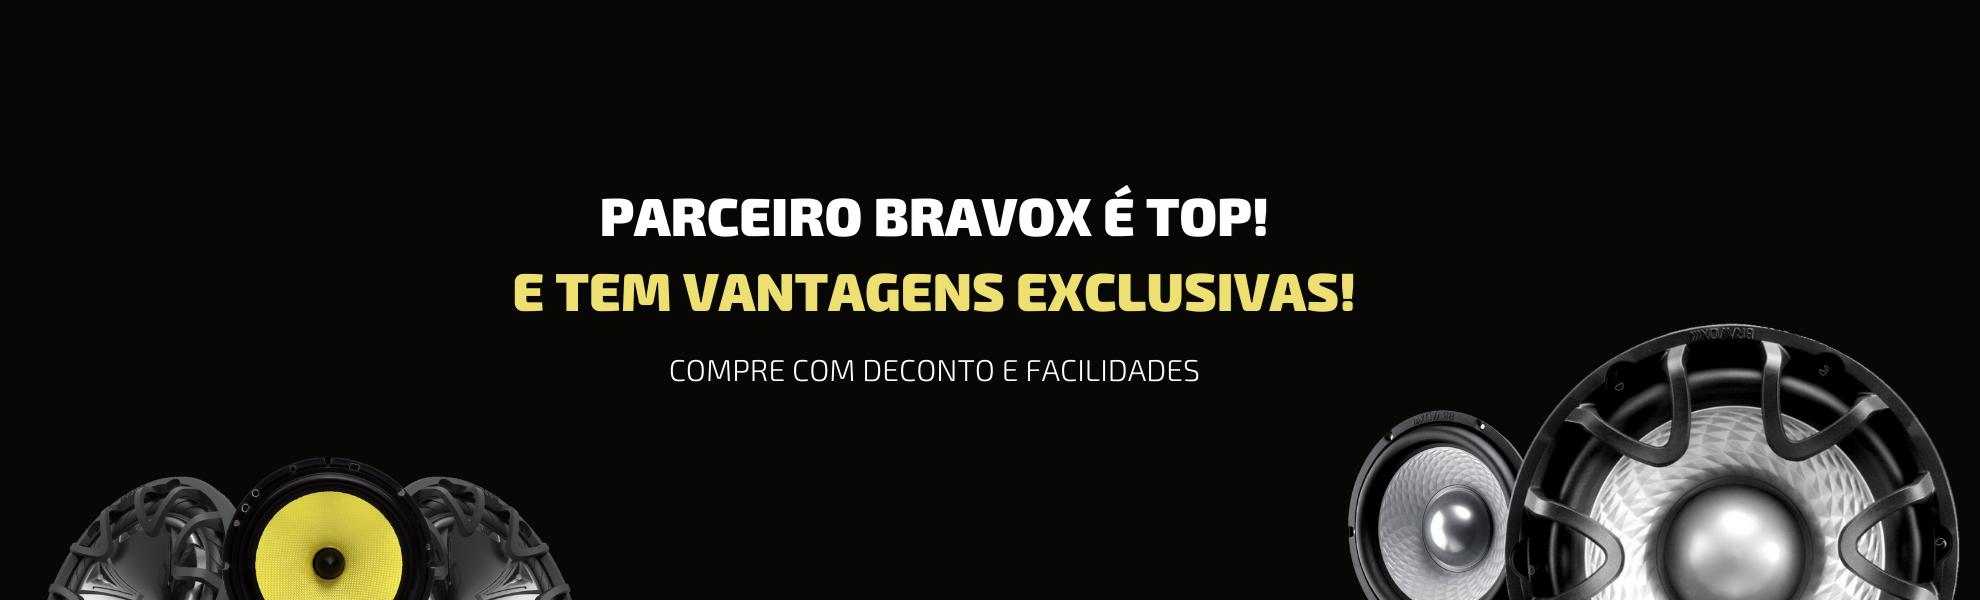 Parceiro Bravox é top! E tem vantagens exclusivas!